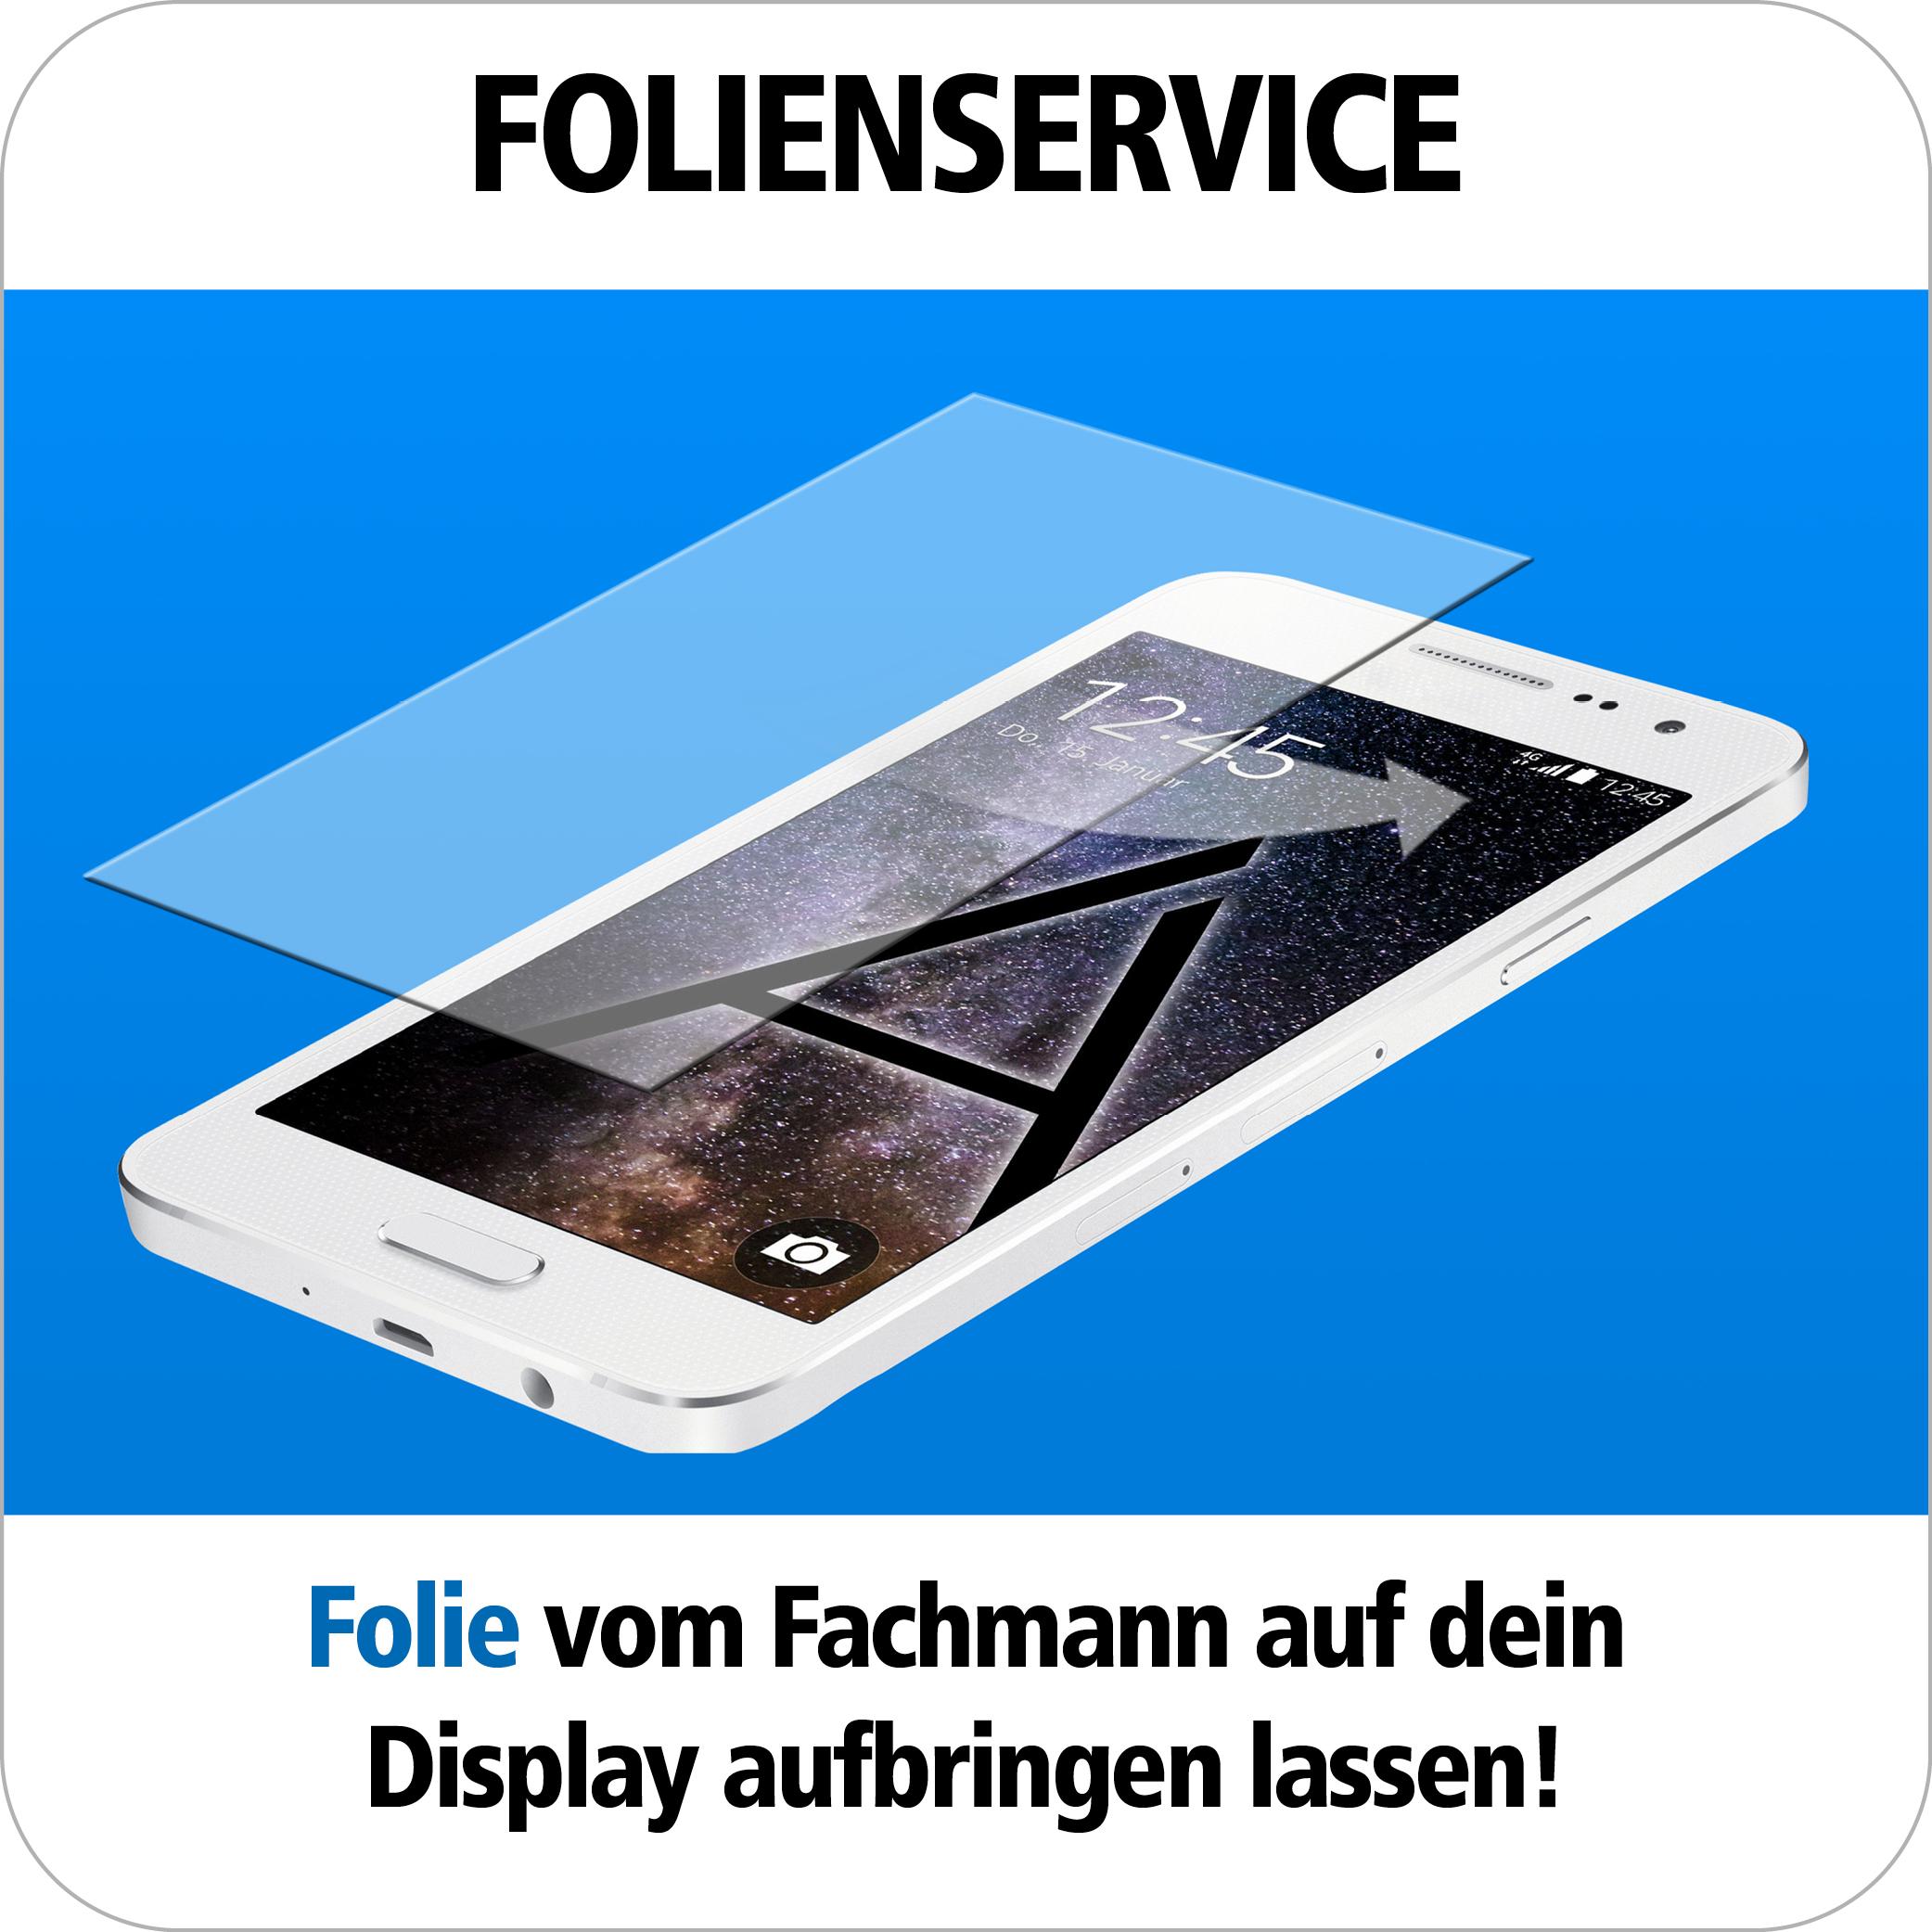 Handy Displayfolie anbringen schnell und einfach